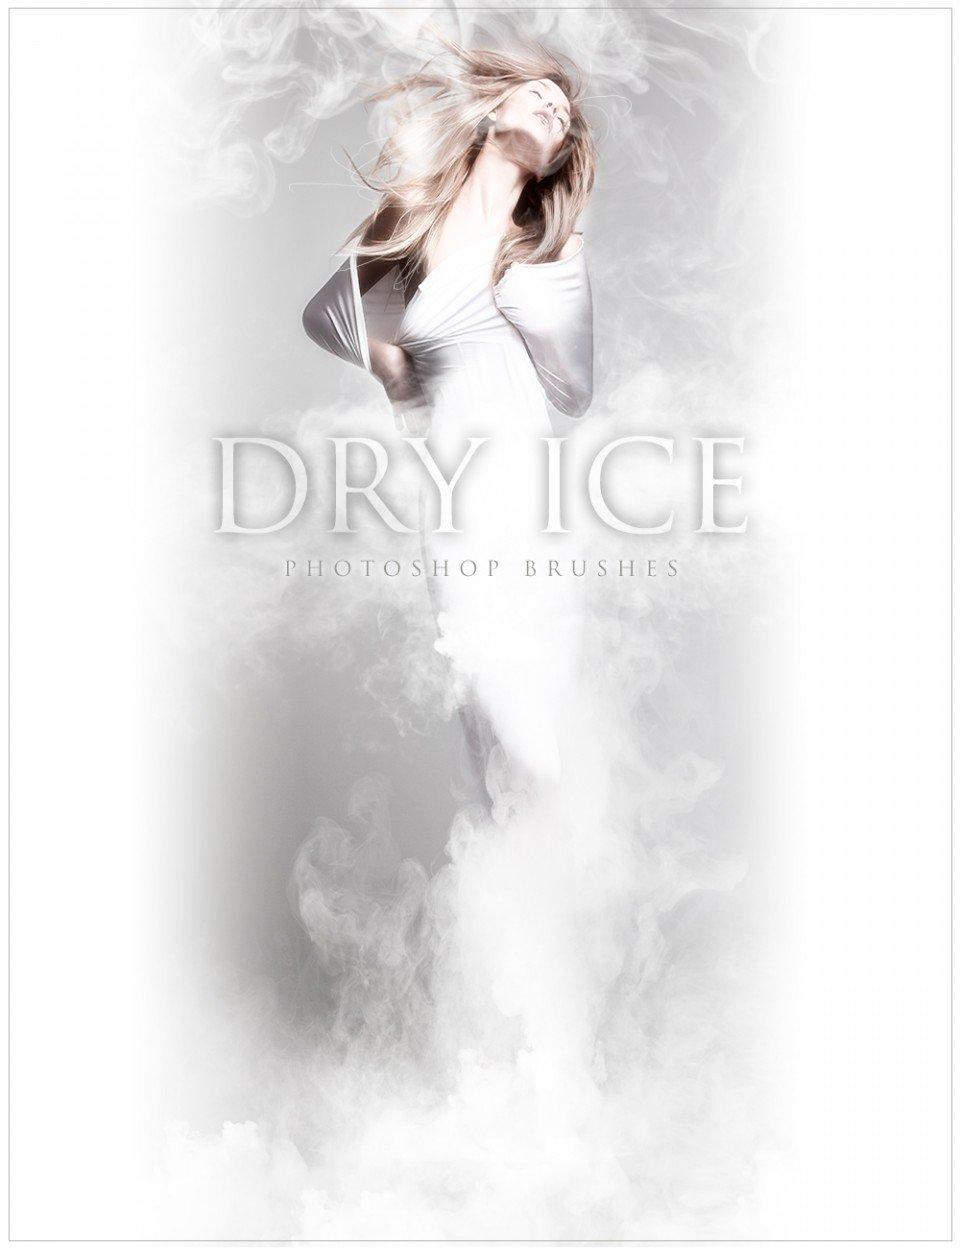 Ron's Dry Ice_DAZ3D下载站